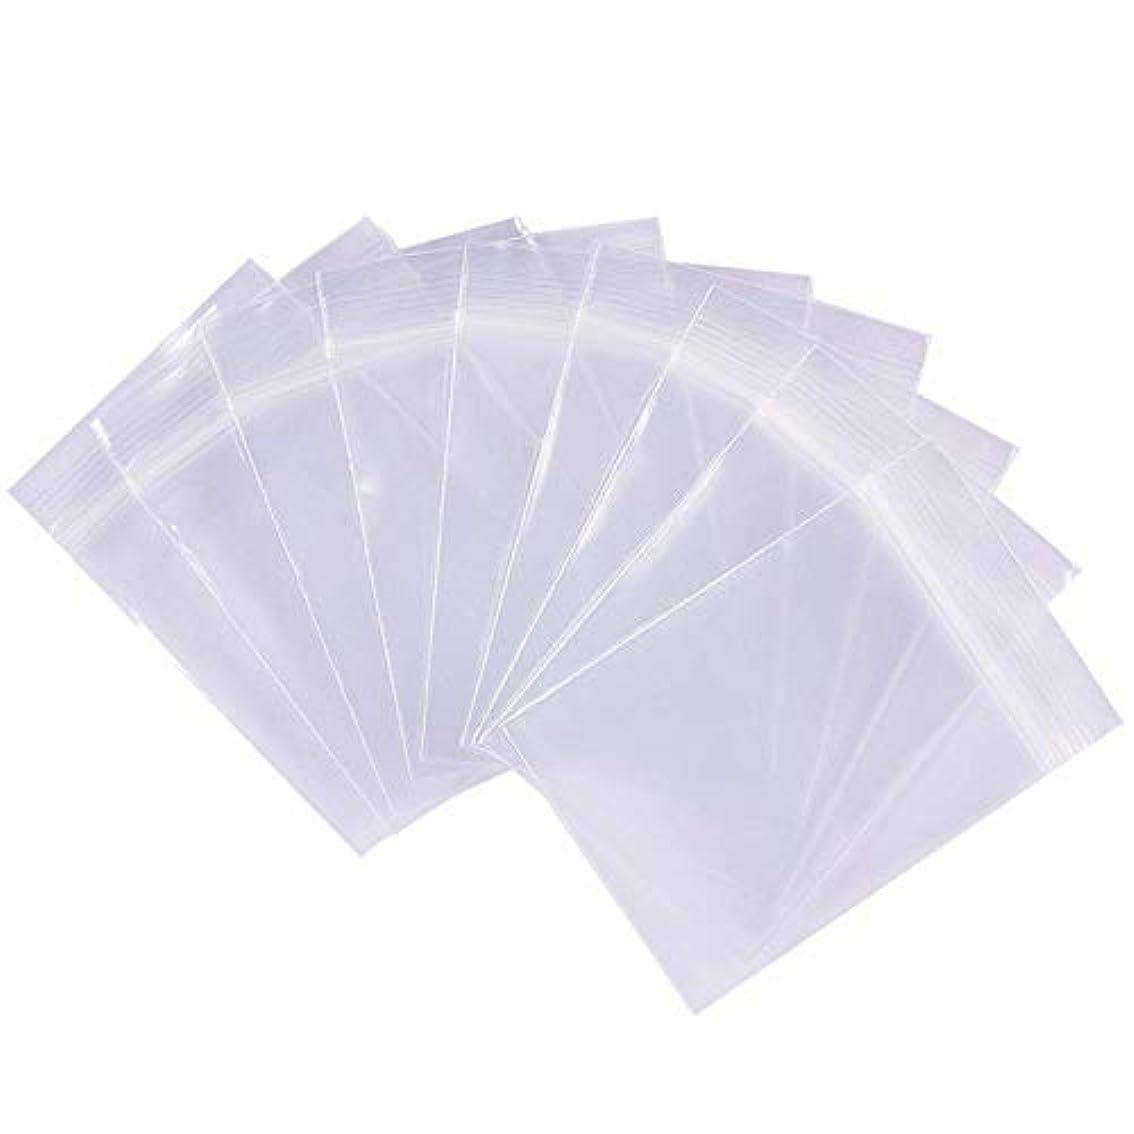 行き当たりばったり所有権ナビゲーション200枚チャック袋 透明チャック付ポリ袋 リサイクル可能プラスチック袋密封保存袋